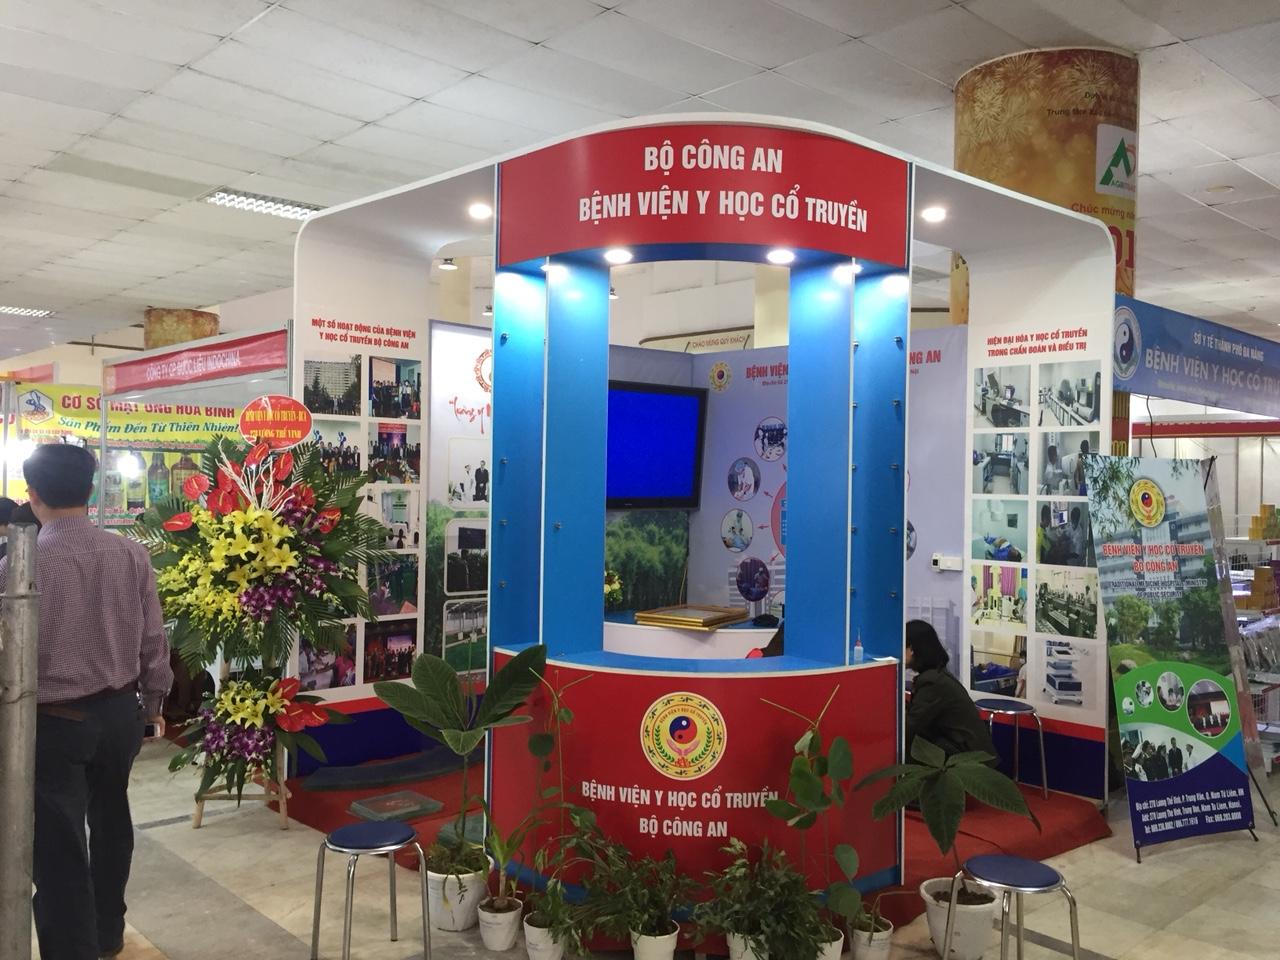 Làm biển - thi công biển hiệu quảng cáo và Hệ thống siêu thị tại Hà Nội - Vĩnh Phúc - Phúc Yên